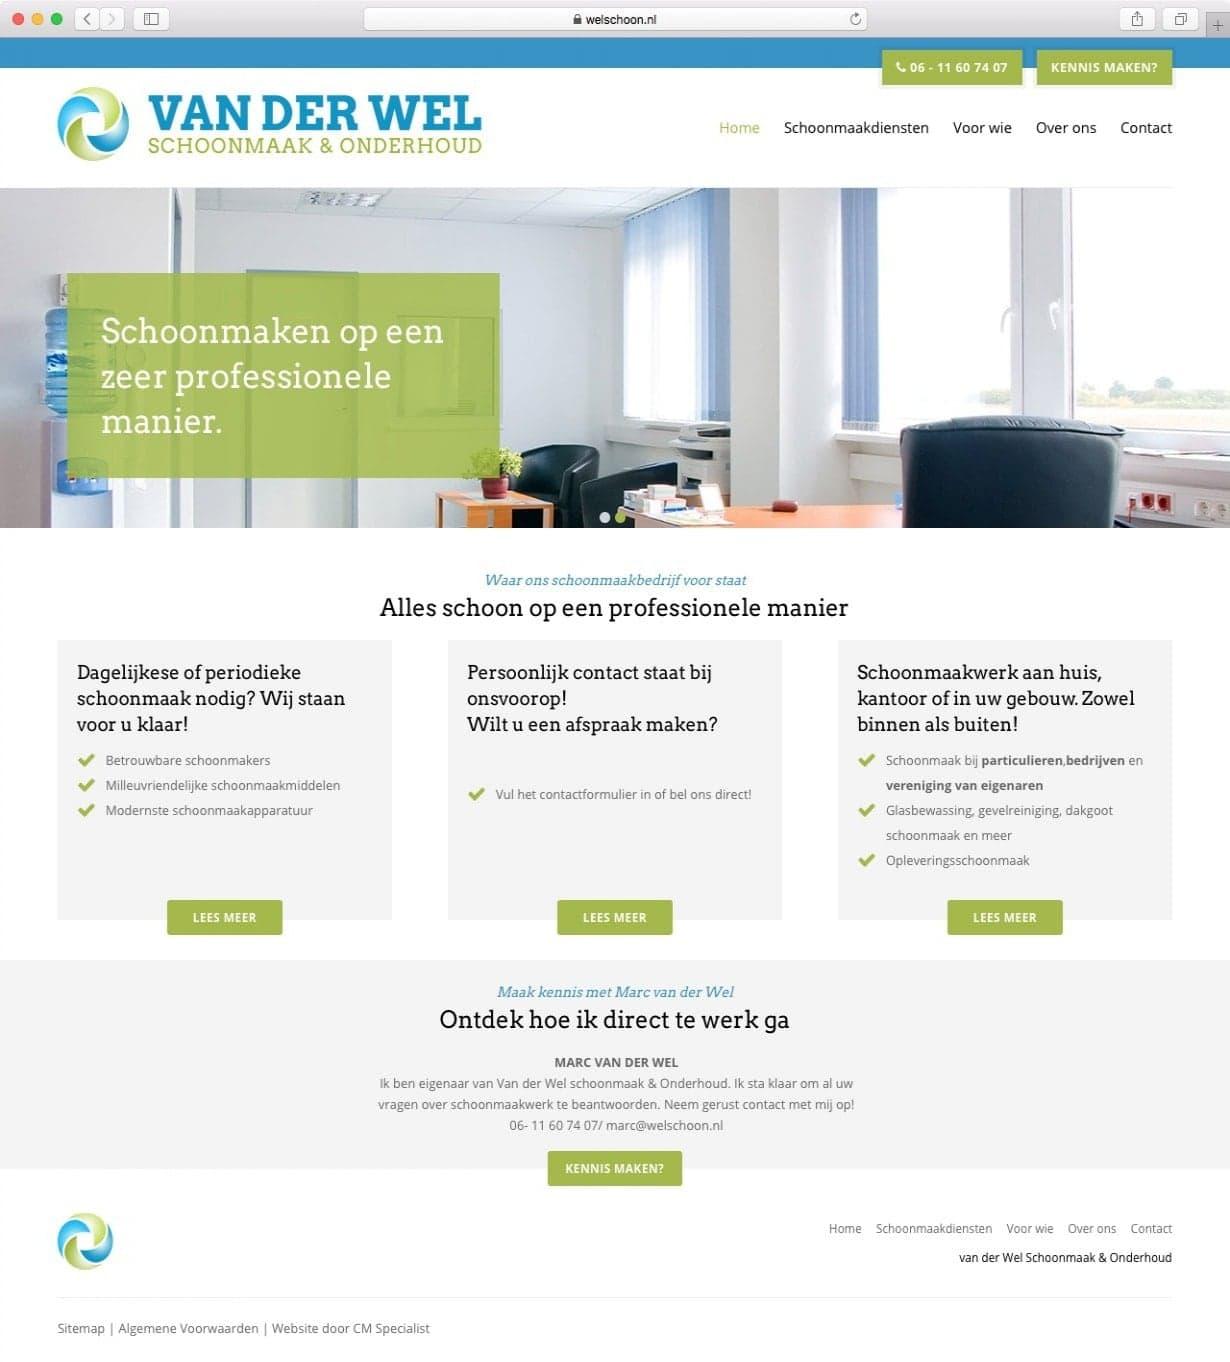 Van der Wel